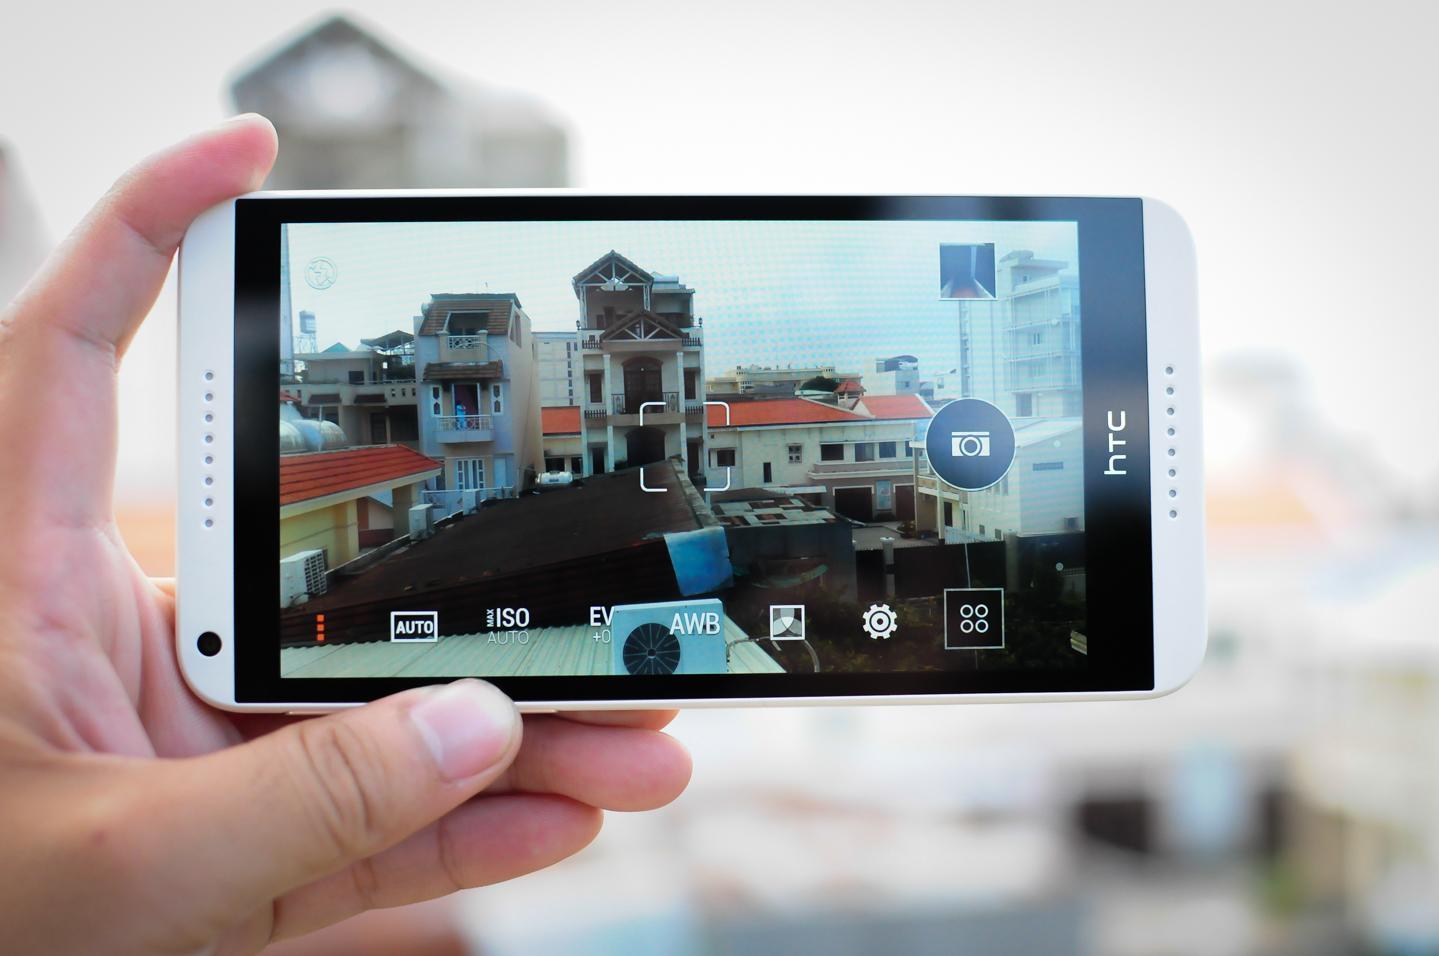 HTC Desire 500: доступный смартфон с хорошей камерой